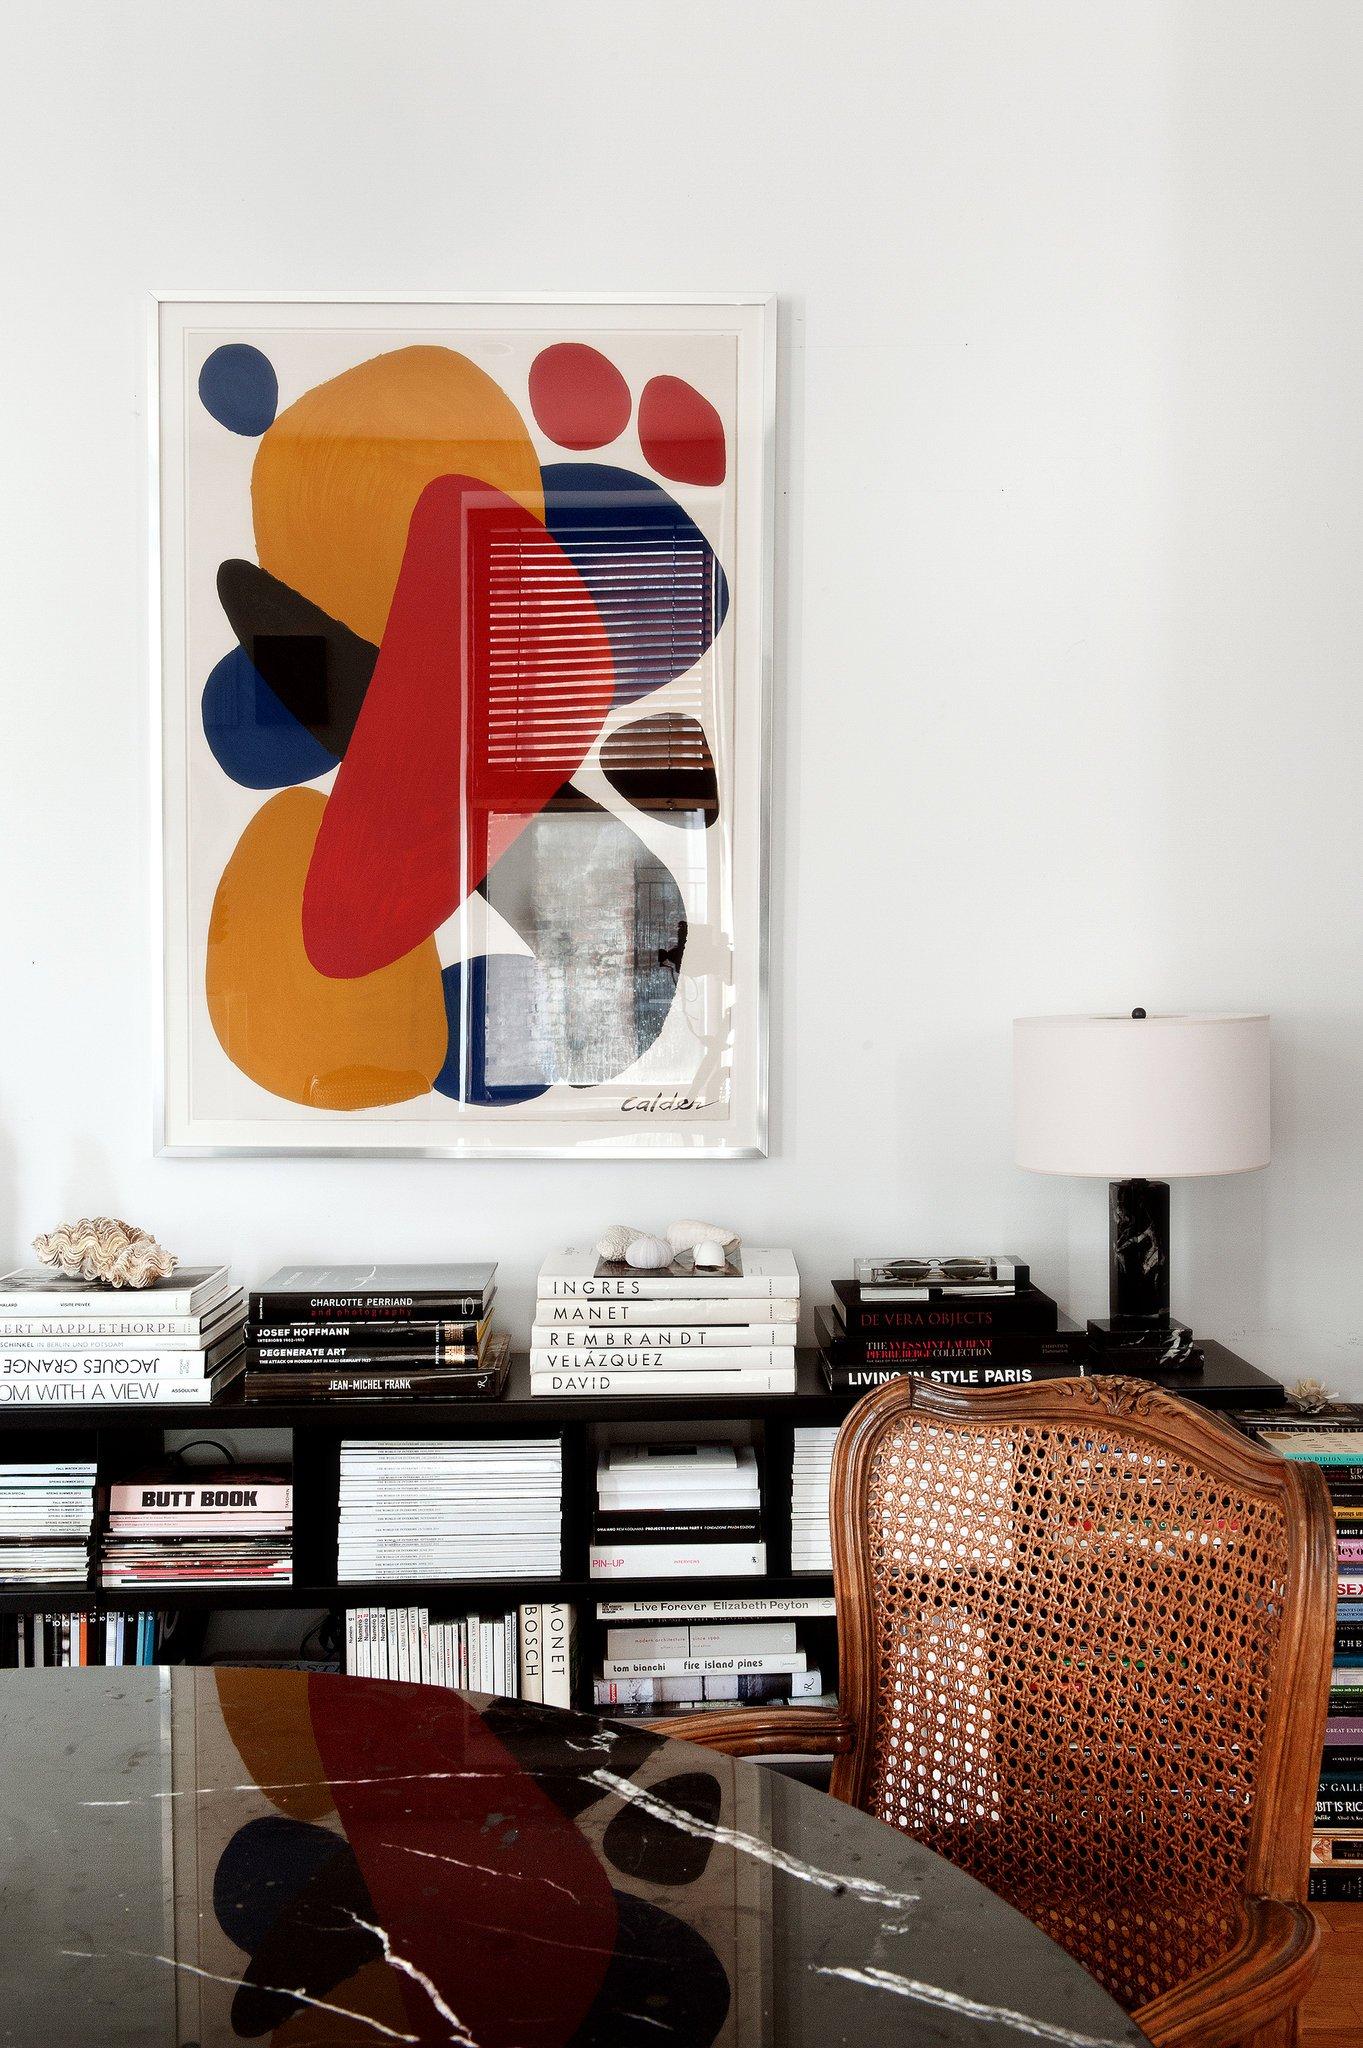 Design by Reinaldo Leandro.